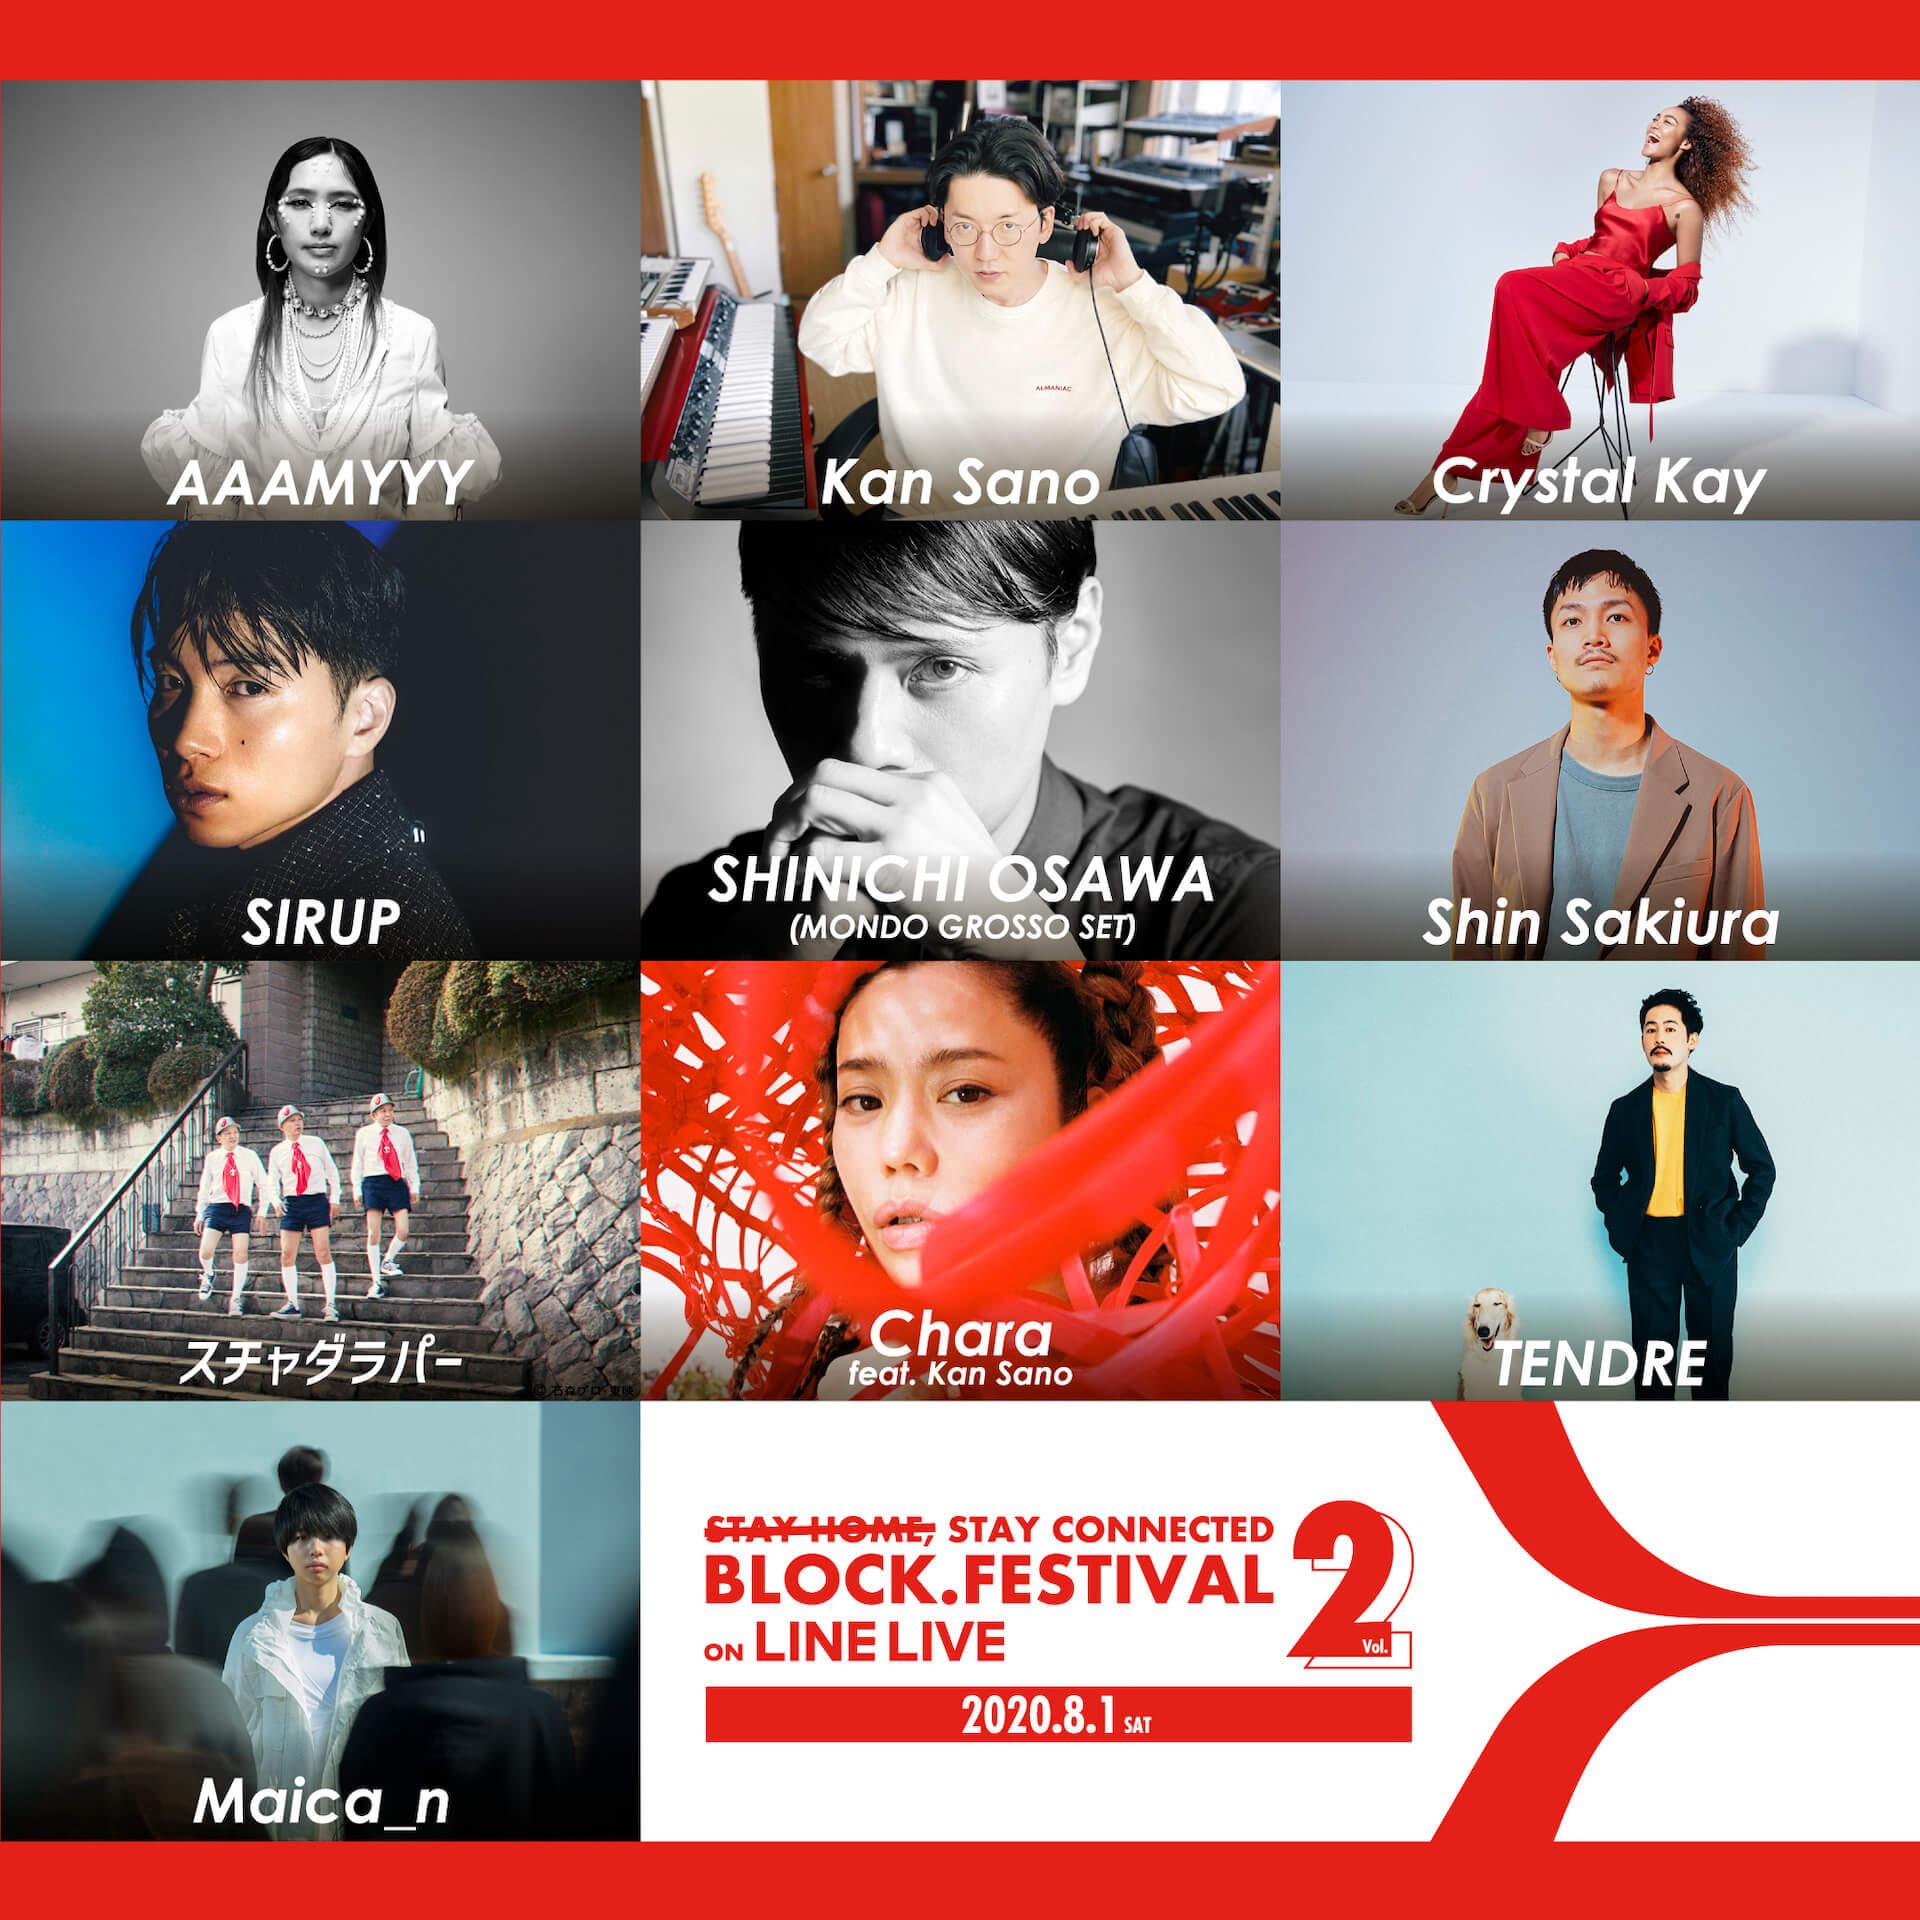 オンラインフェス<BLOCK.FESTIVAL Vol.2>にSHINICHI OSAWA、スチャダラパーらが追加&タイムスケジュールも公開!当日はリアル花火など特別企画も music2020729_blockfes7